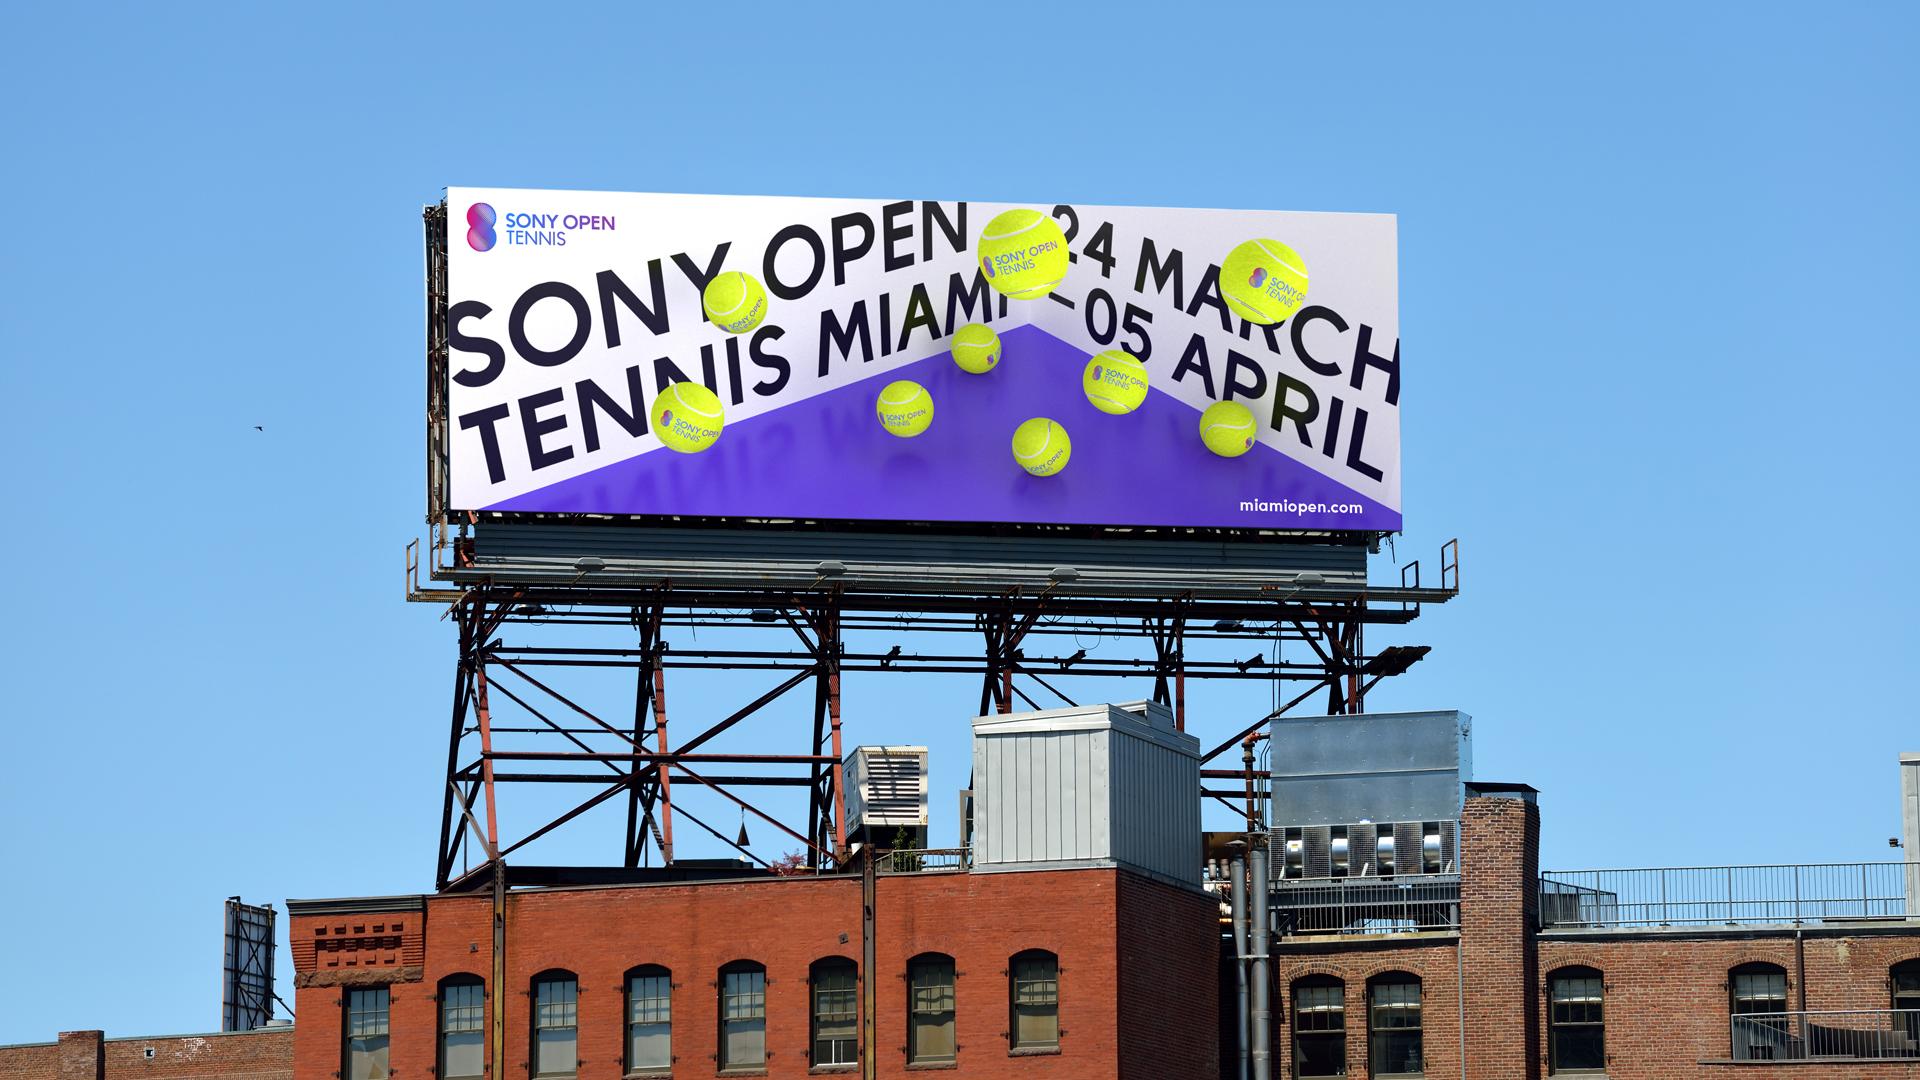 MiamiOpen_Billboard